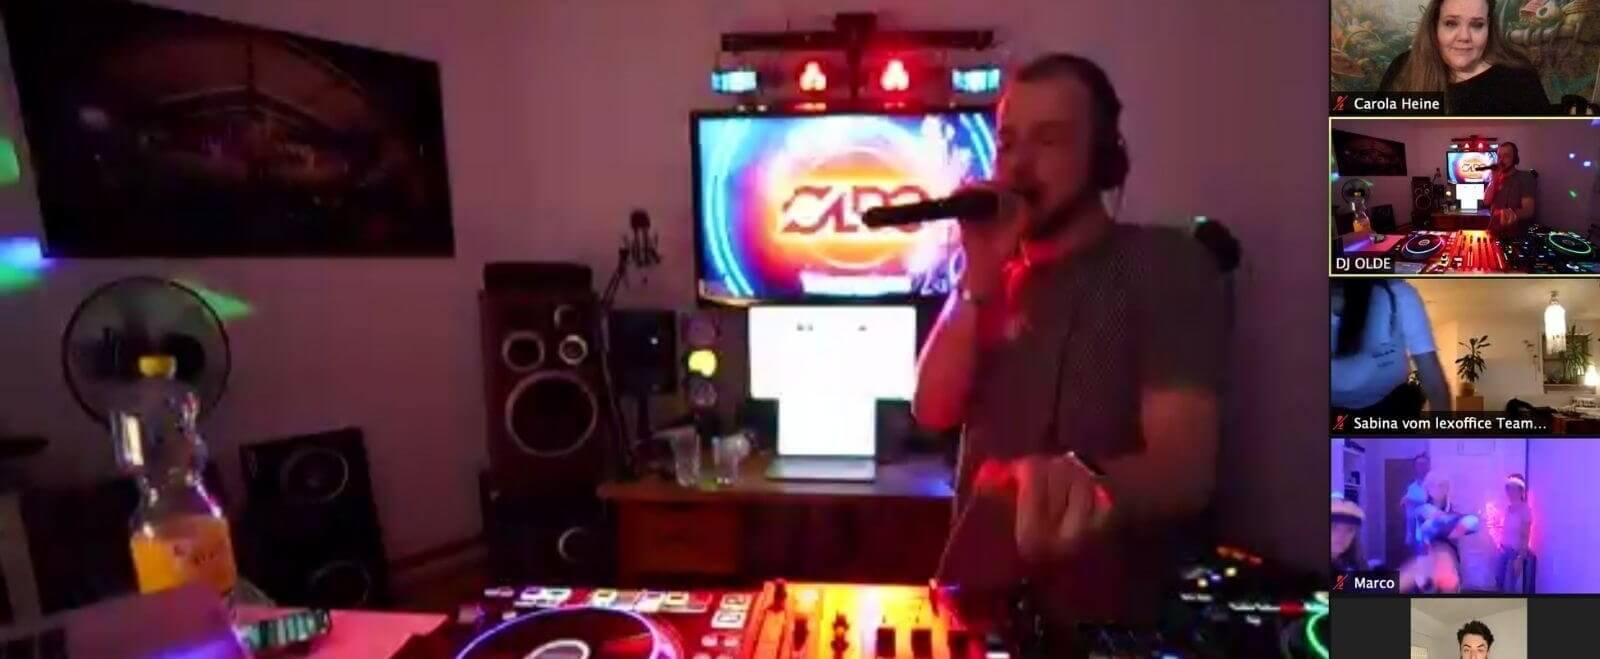 Party im Online-Livestream? Das geht!